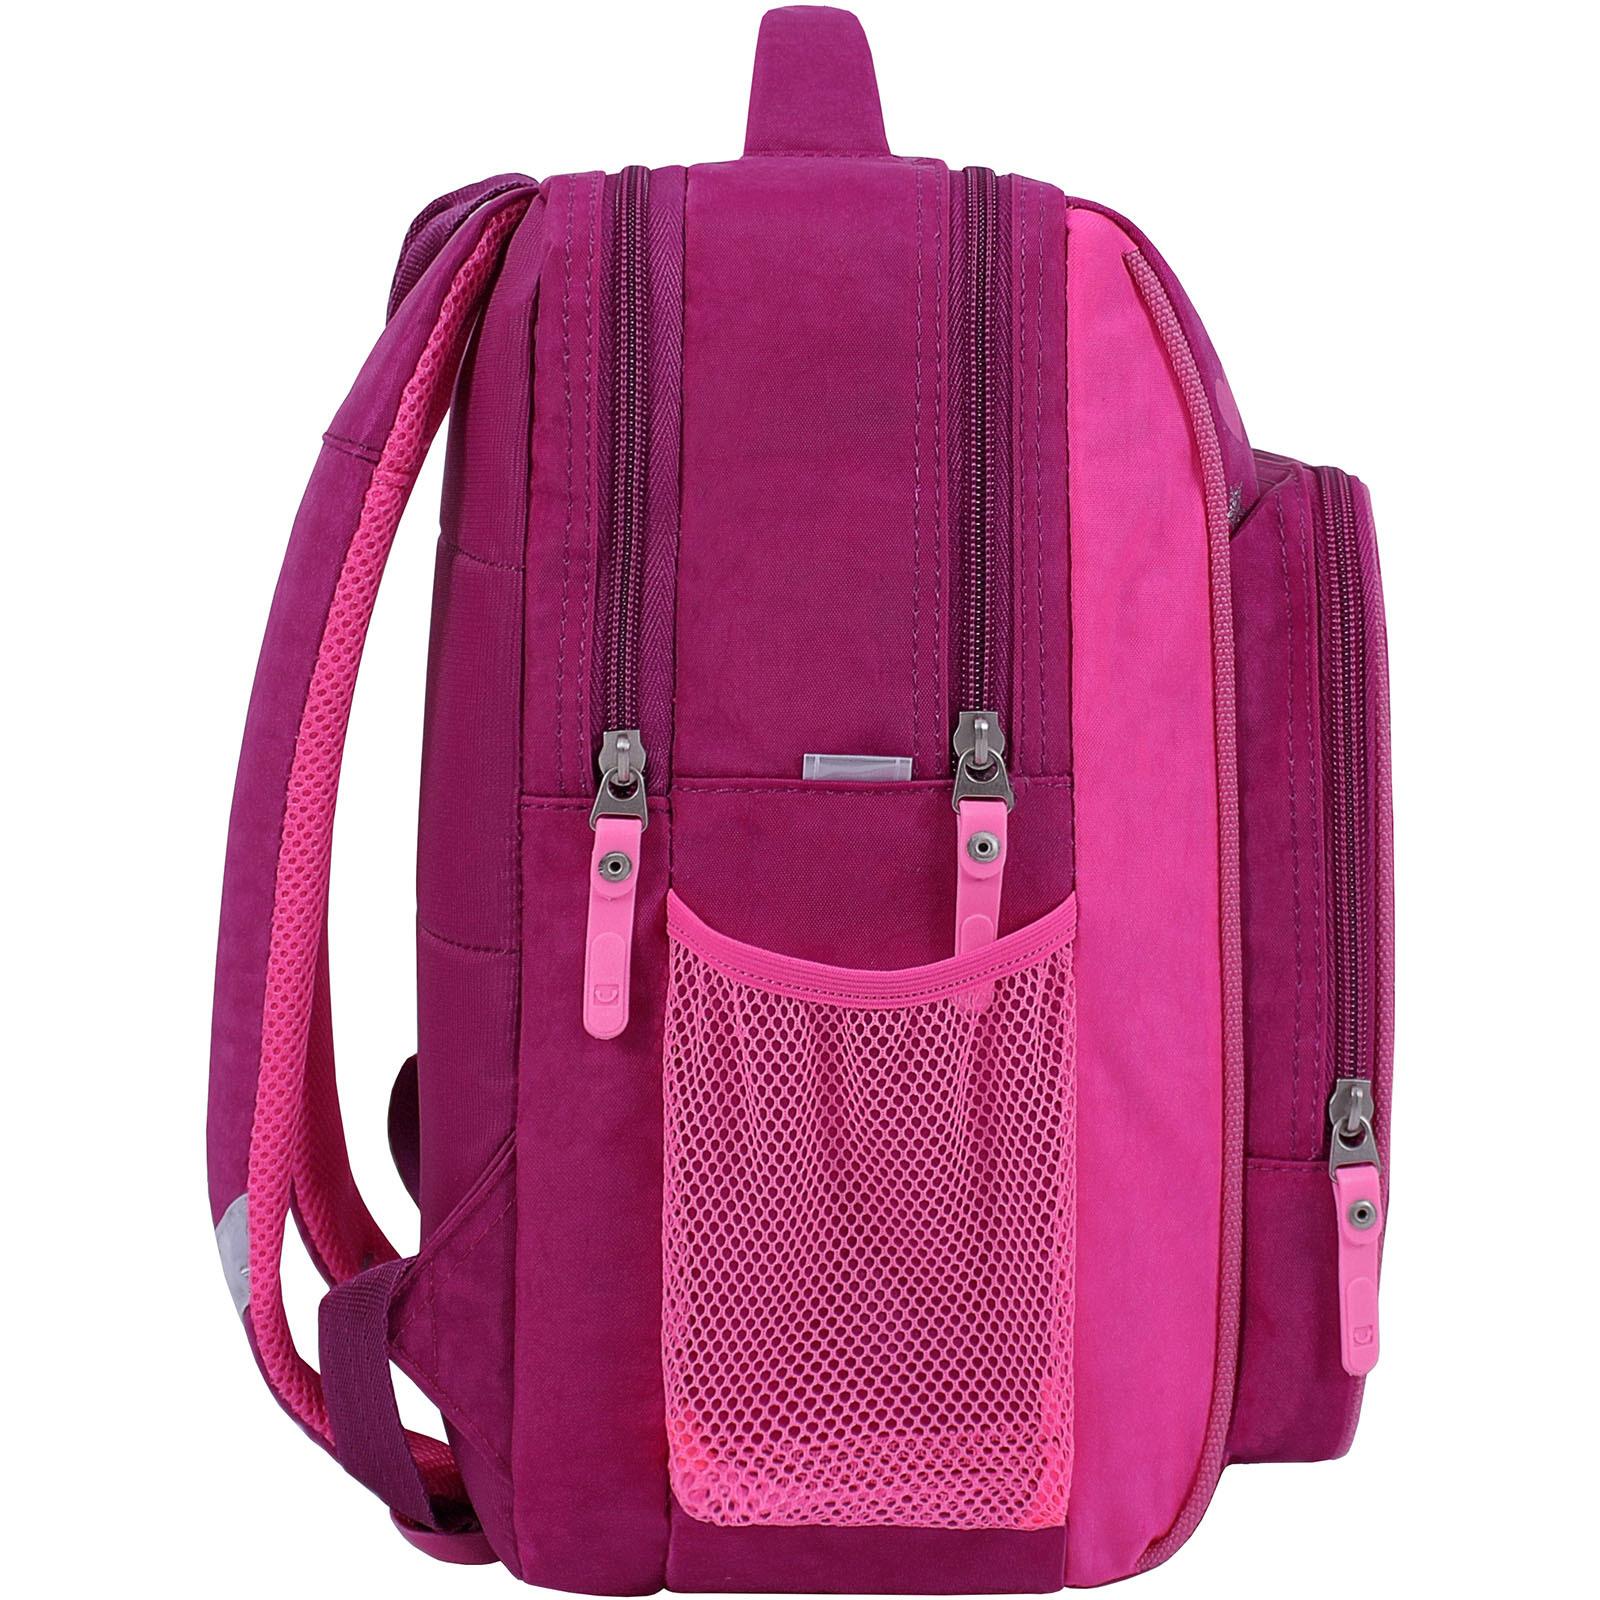 Рюкзак школьный Bagland Школьник 8 л. 143 малина 593 (00112702) фото 2